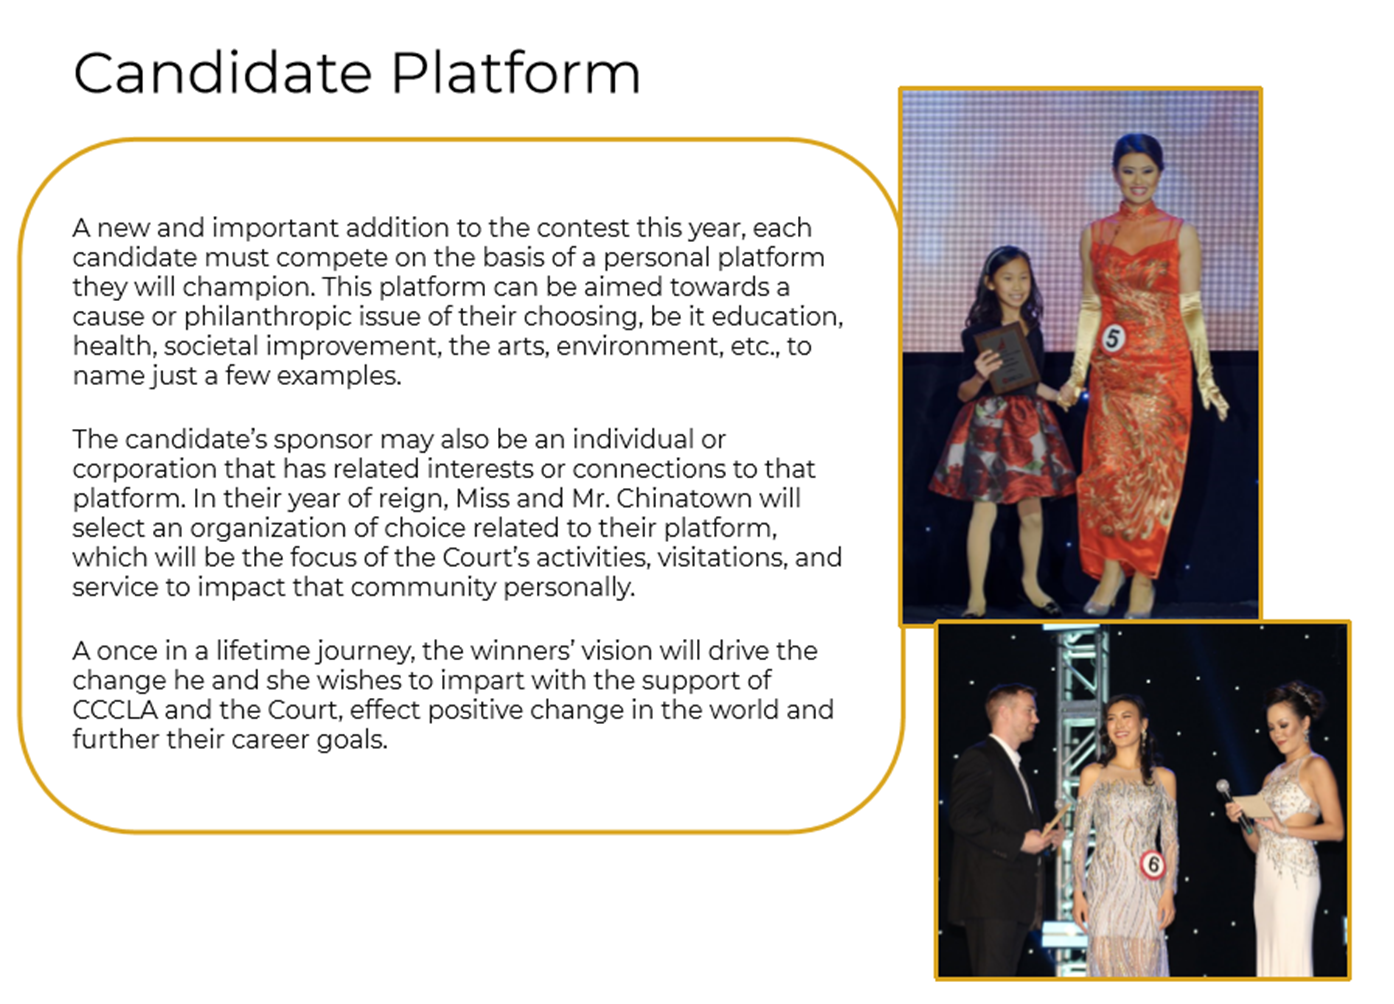 Candidate Platform.png